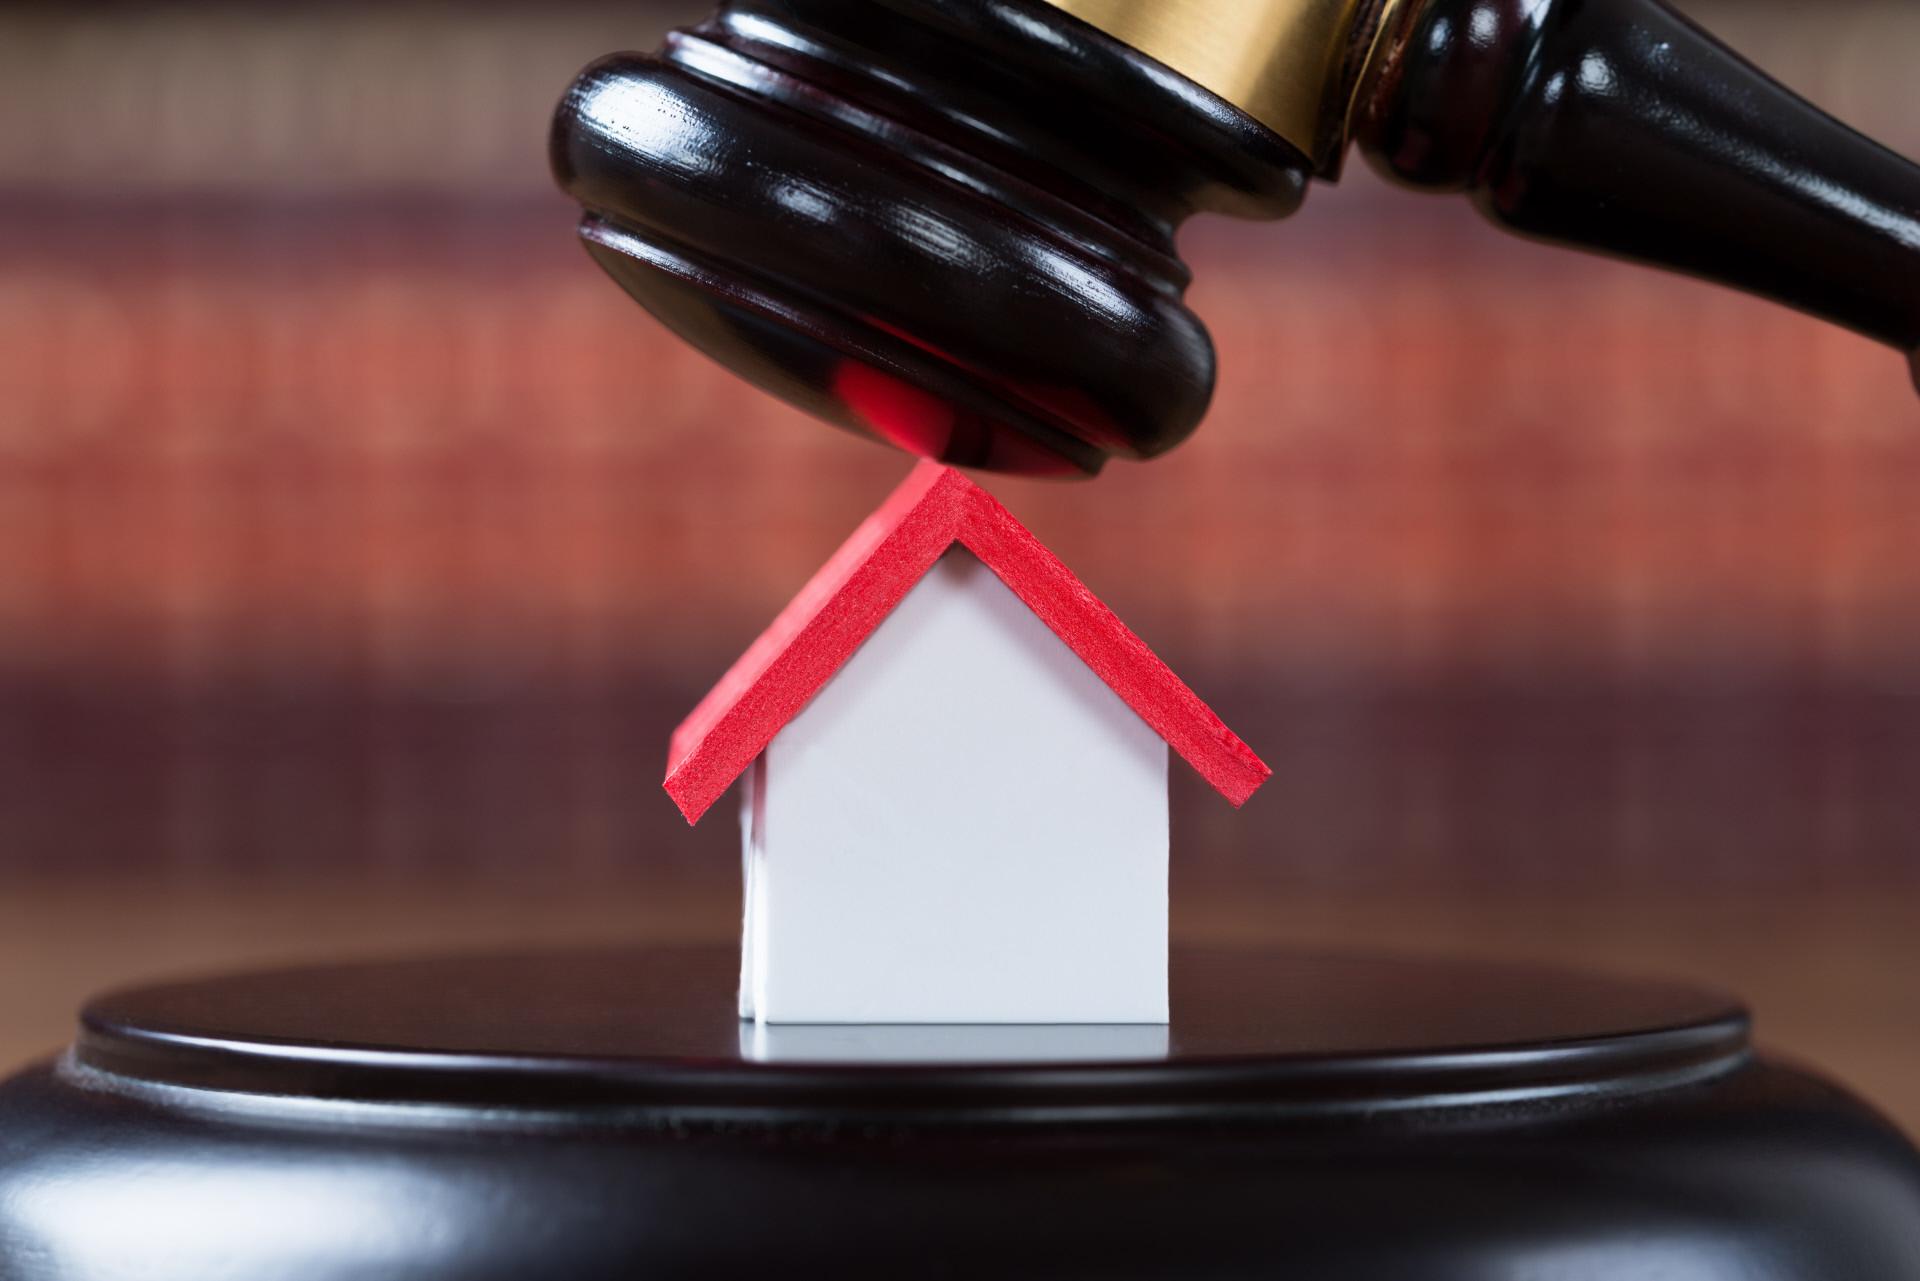 Il blocco delle esecuzioni immobiliari e gli effetti della sentenza 128/2021 della Corte Costituzionale